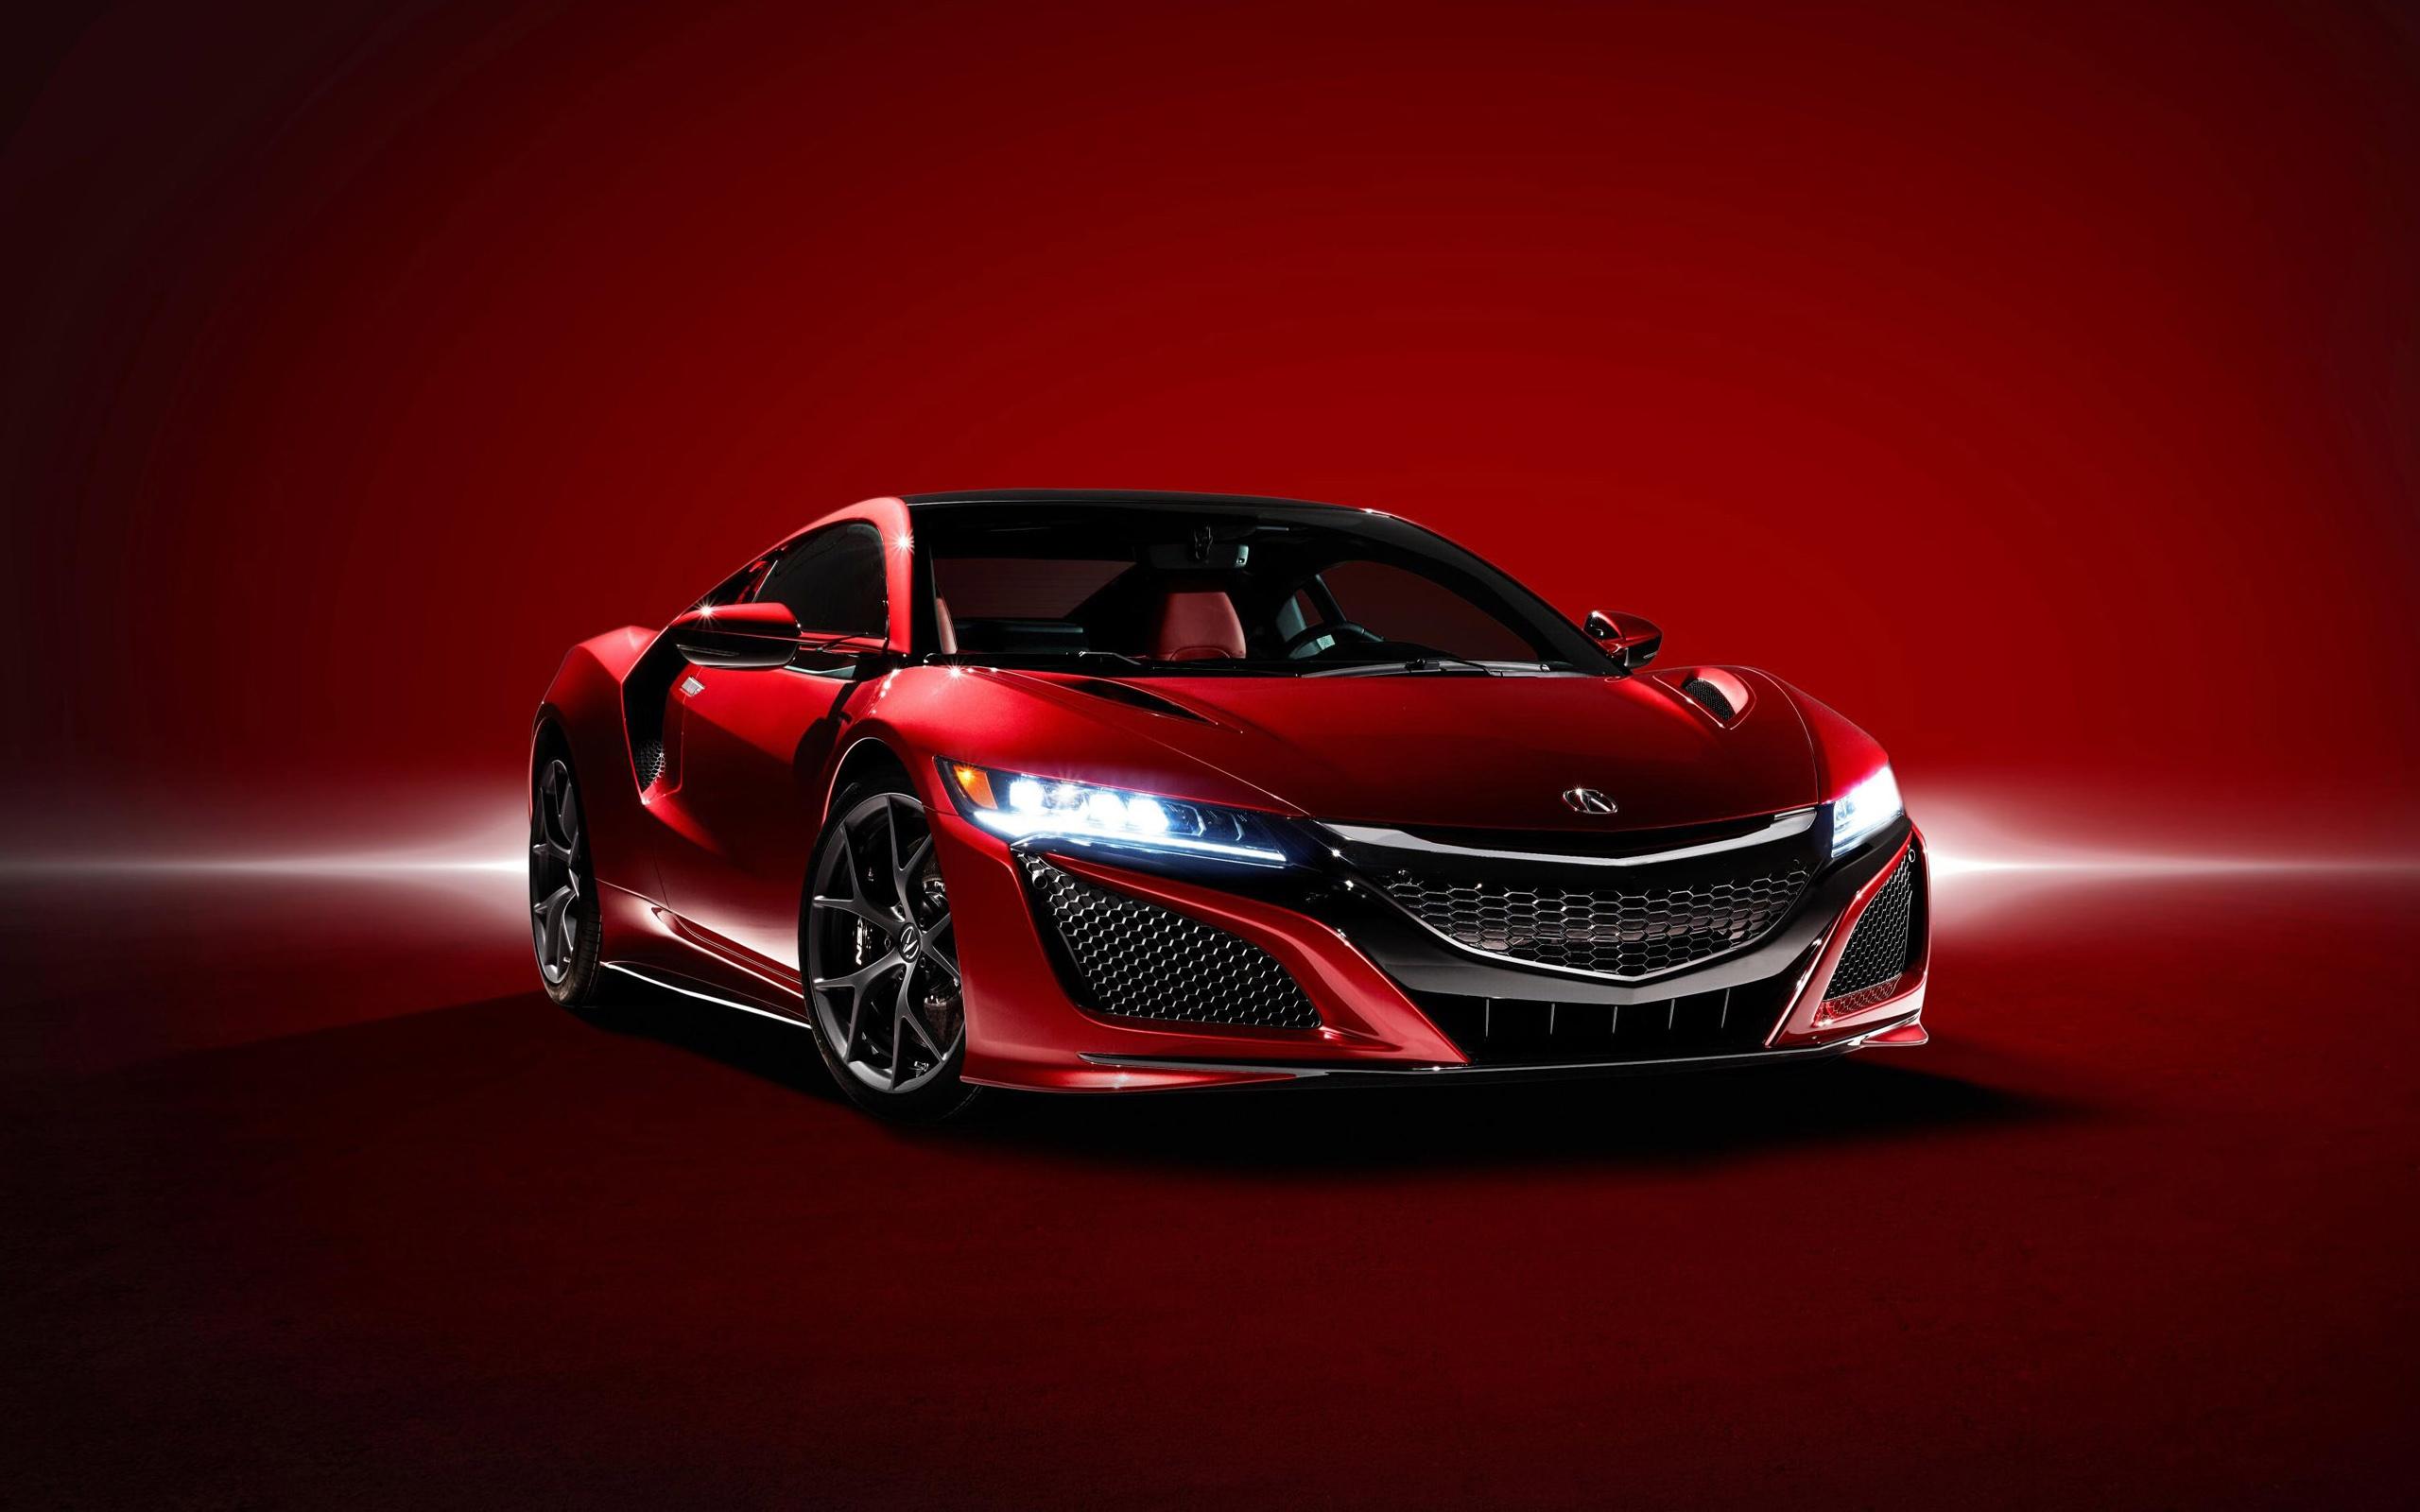 Acura NSX Curva Red